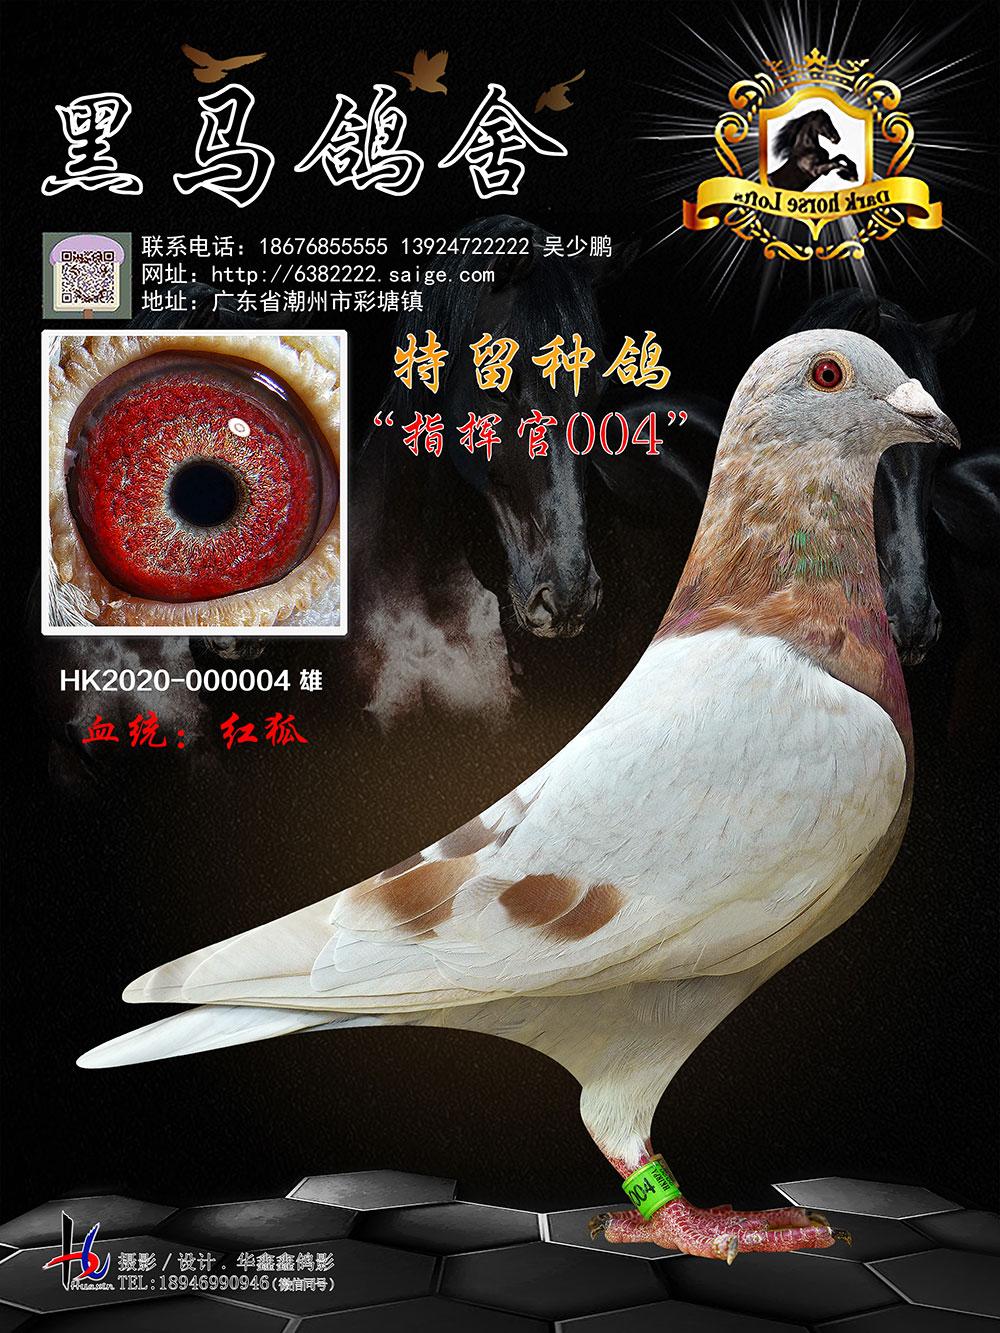 特留种鸽 指挥官004 HK2020-000004